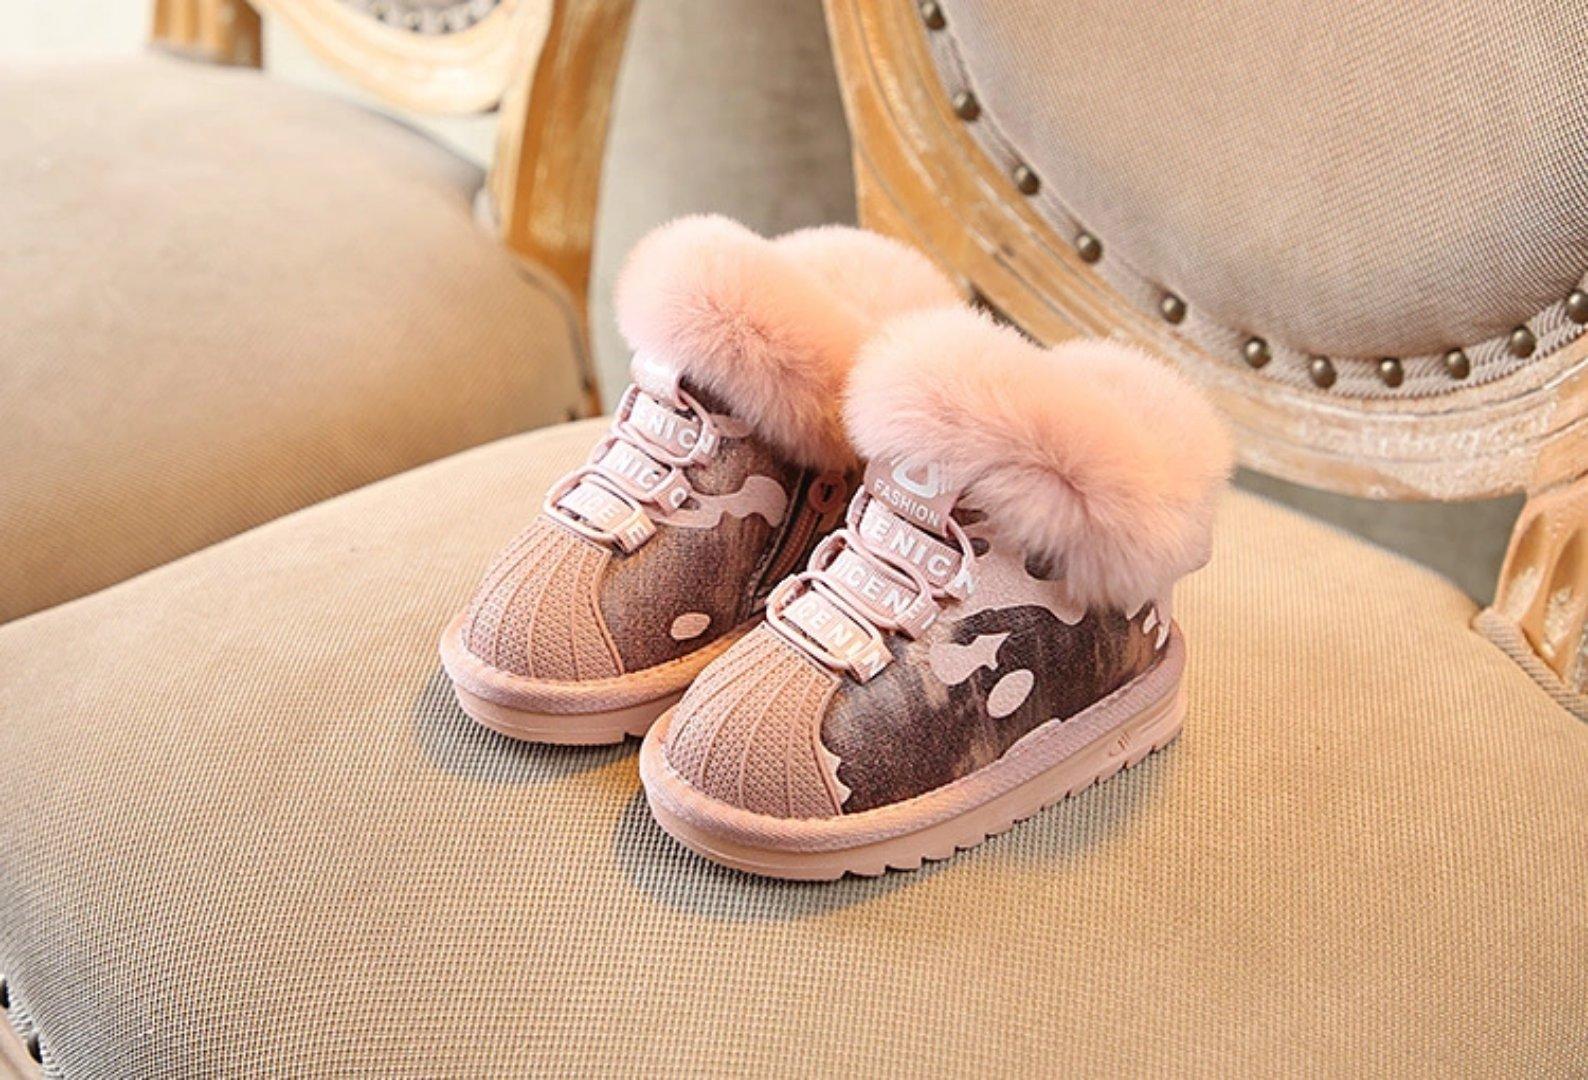 907a18c80 Compre Los Niños De La Moda De Invierno Bota Botas De Nieve Rosa Con  Vestido De Piel De Conejo Cálida Niña Zapato De Navidad Al Tobillo De Alta  Calidad De ...